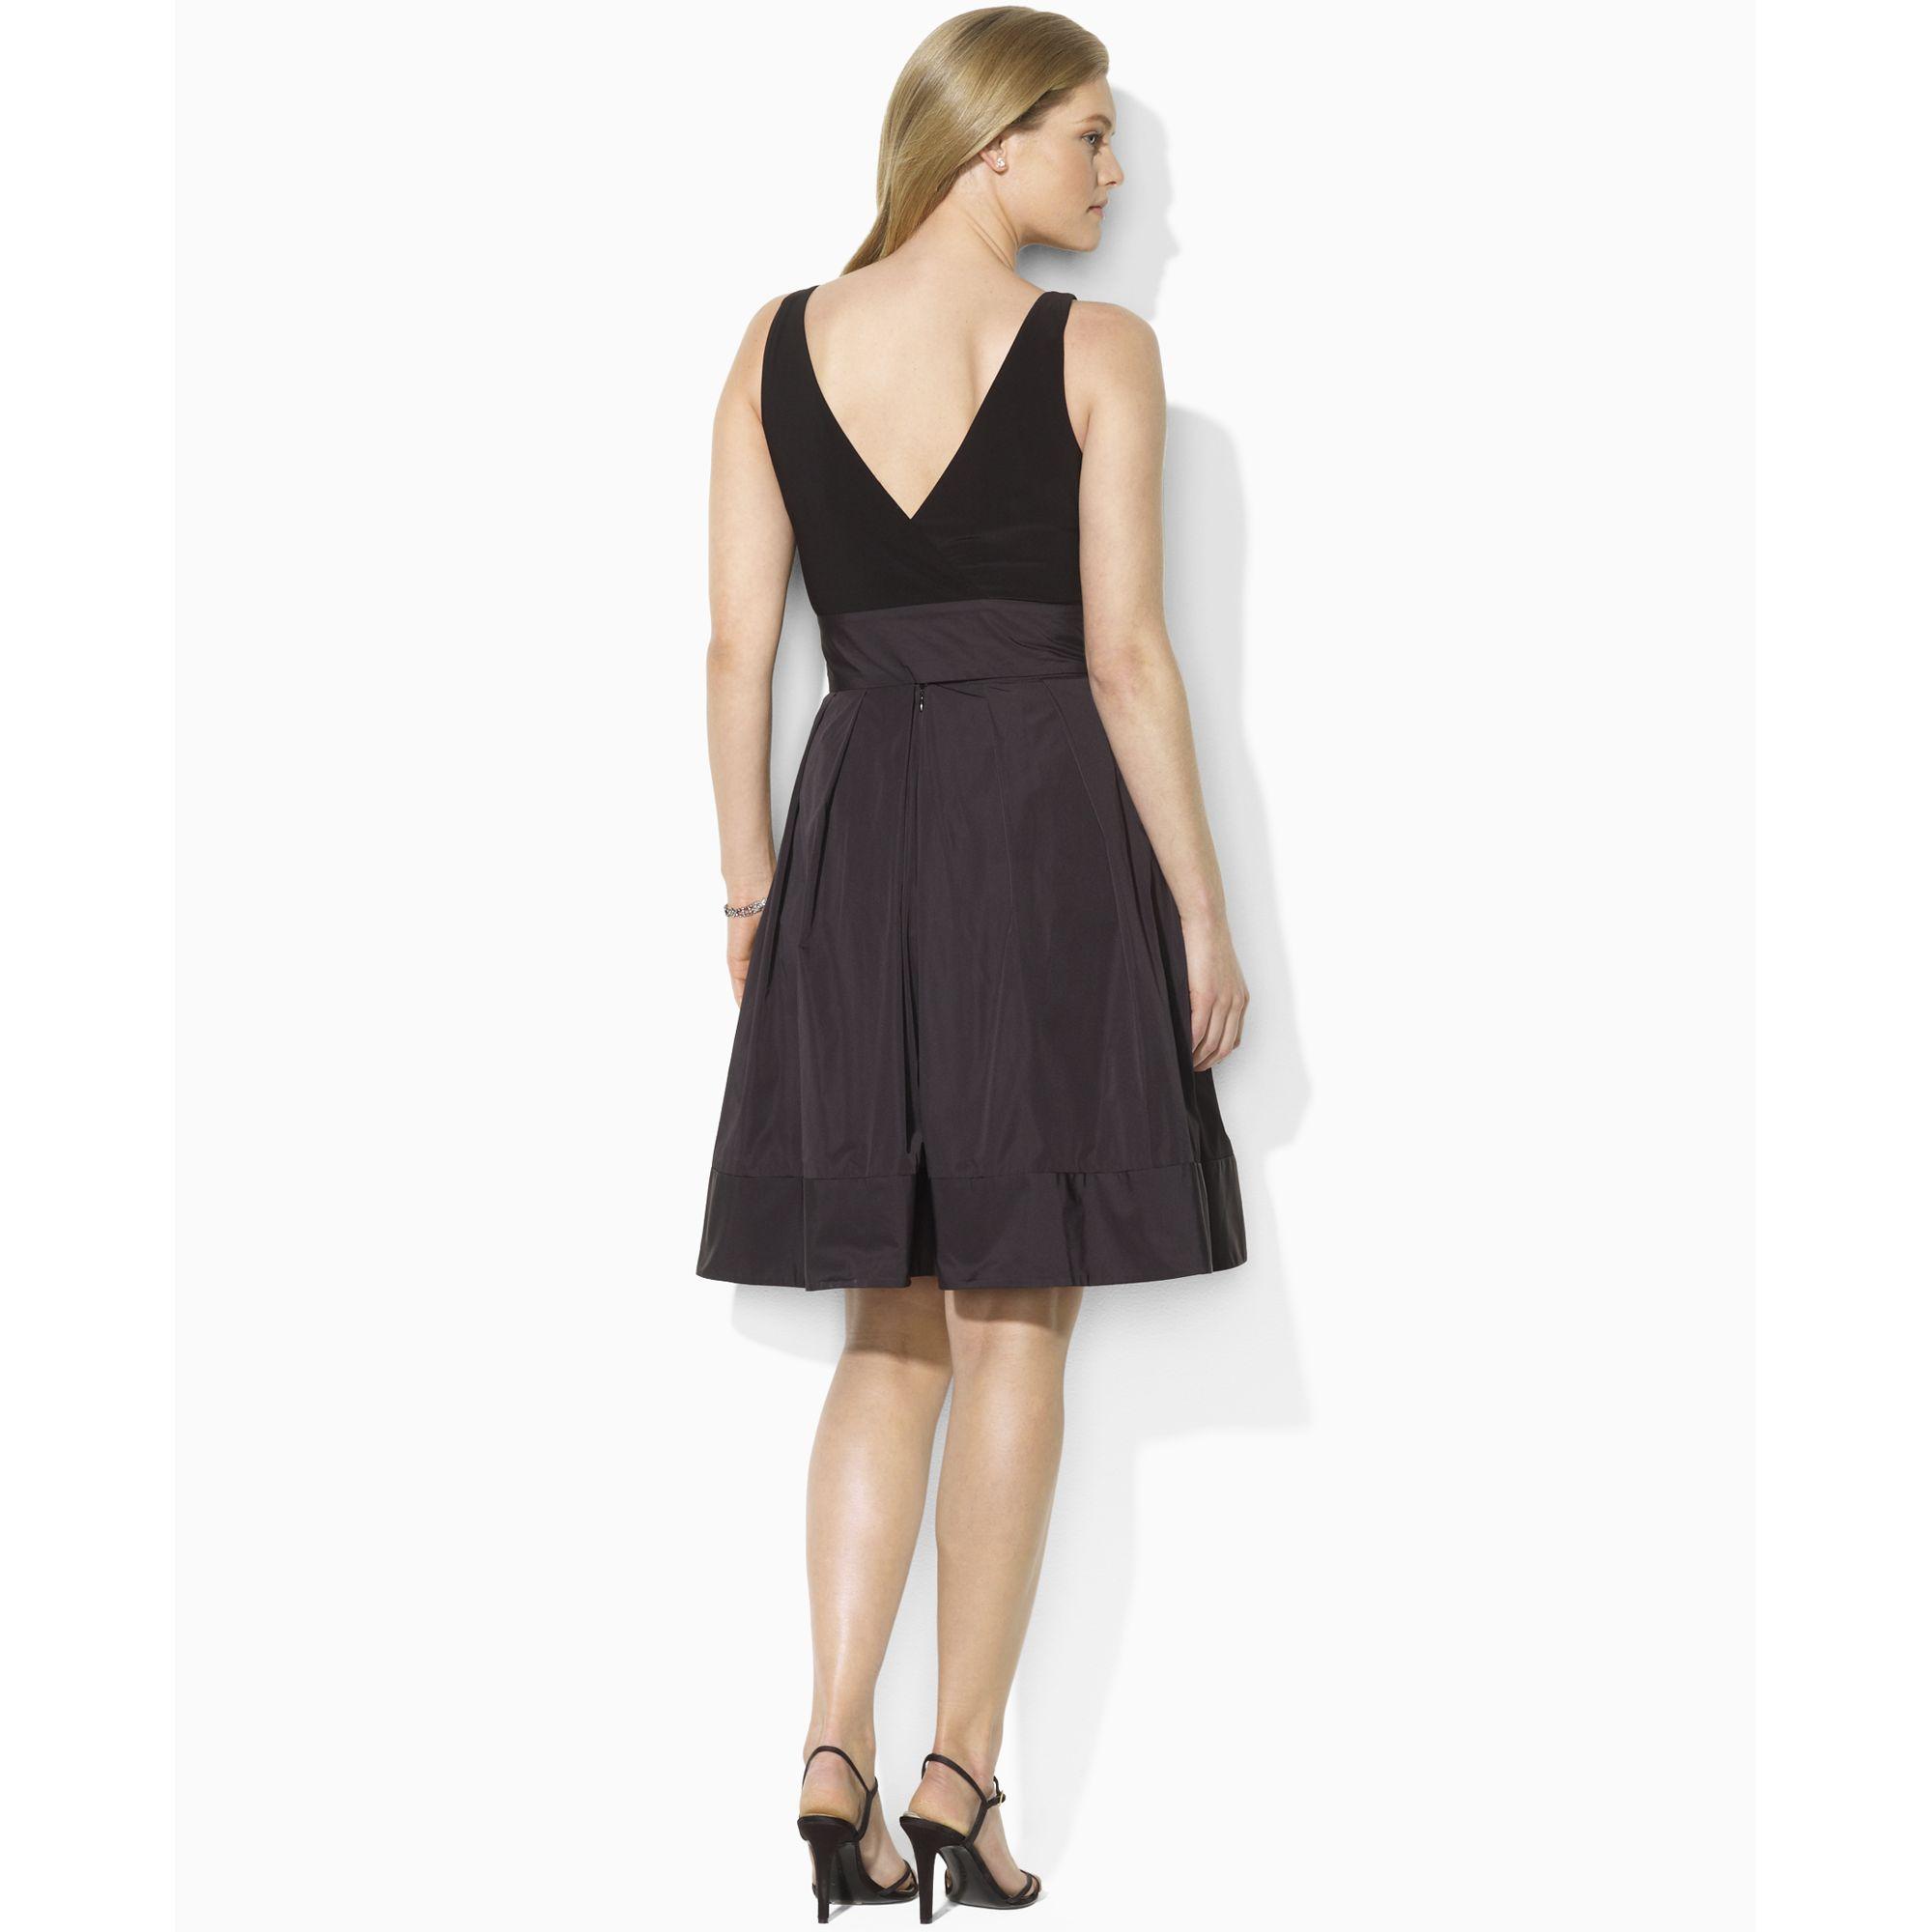 Lauren Pleated Cocktail Dress